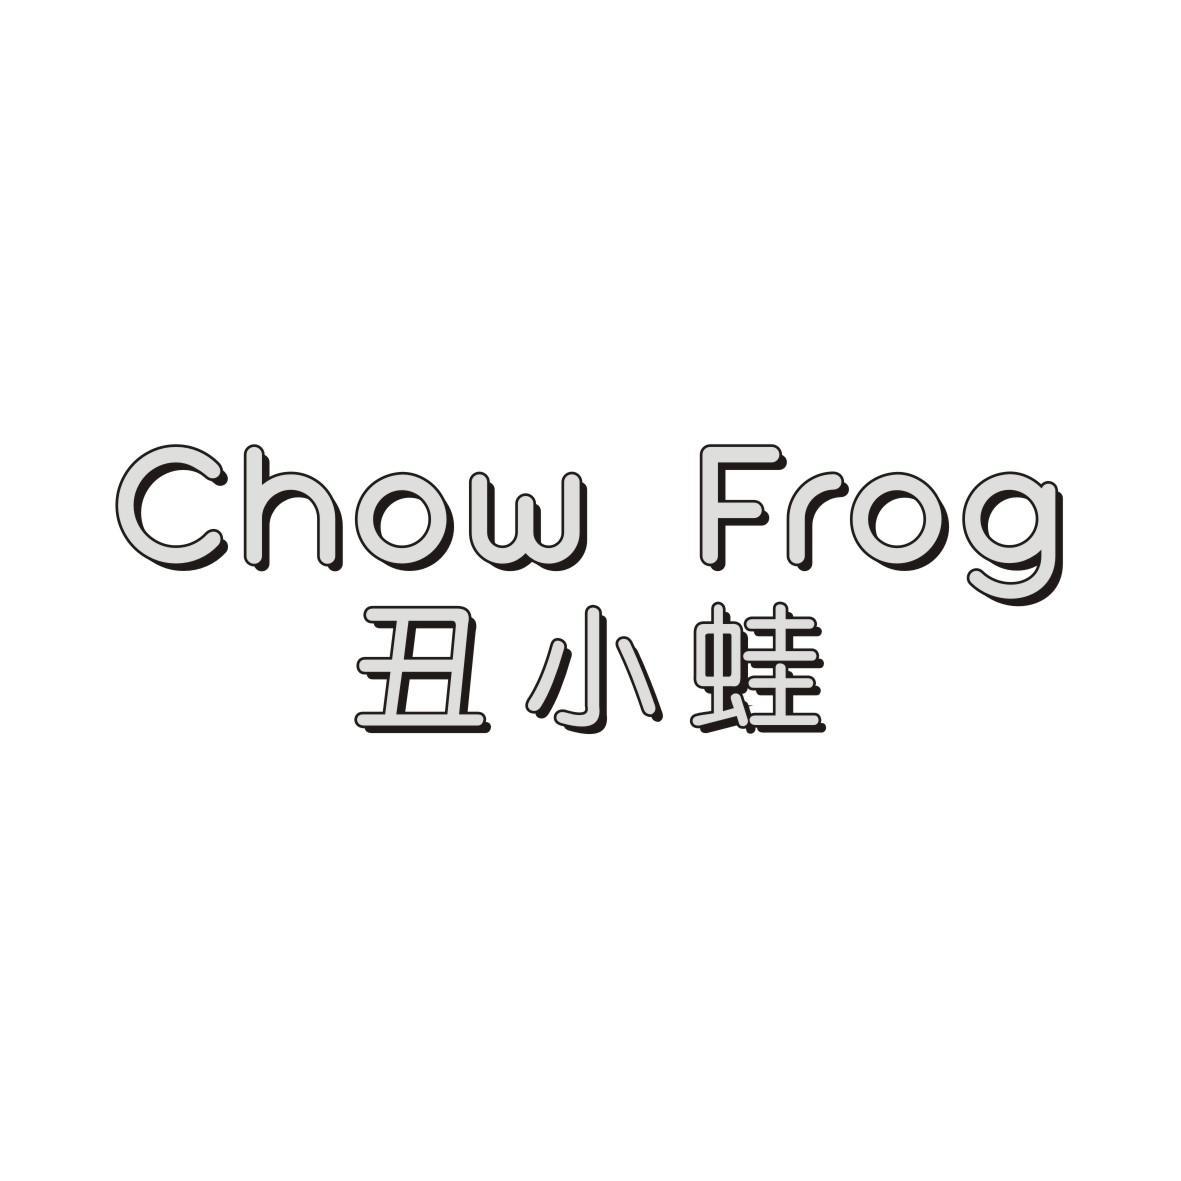 30类-面点饮品丑小蛙 CHOW FROG商标转让